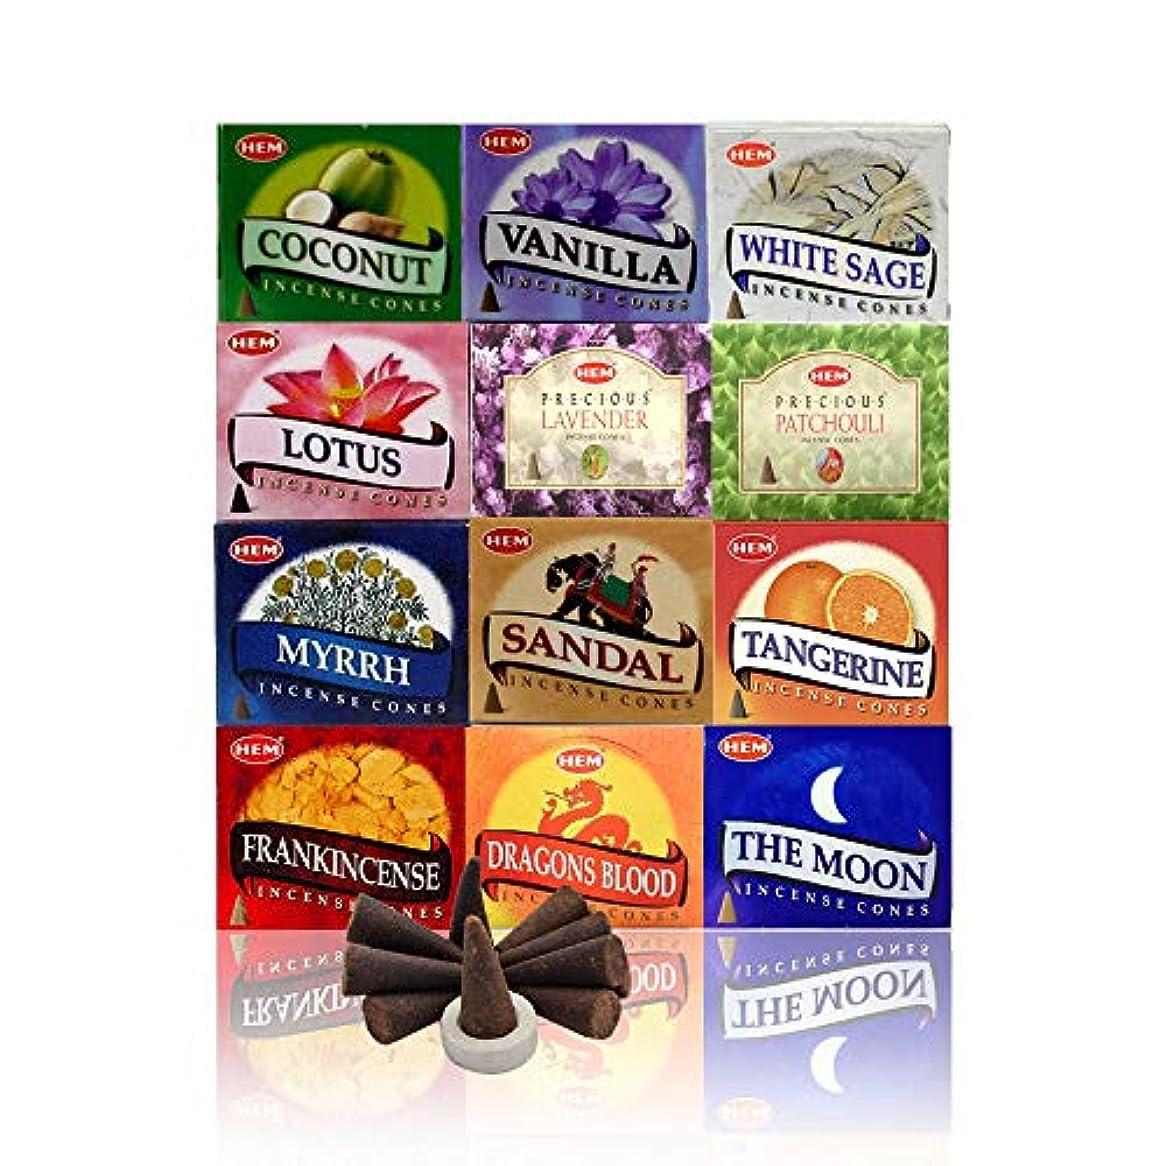 直接じゃないフック12 Assorted Boxes of HEM Incense Cones, Best Sellers Set #2 12 X 10 (120 total) by Hem